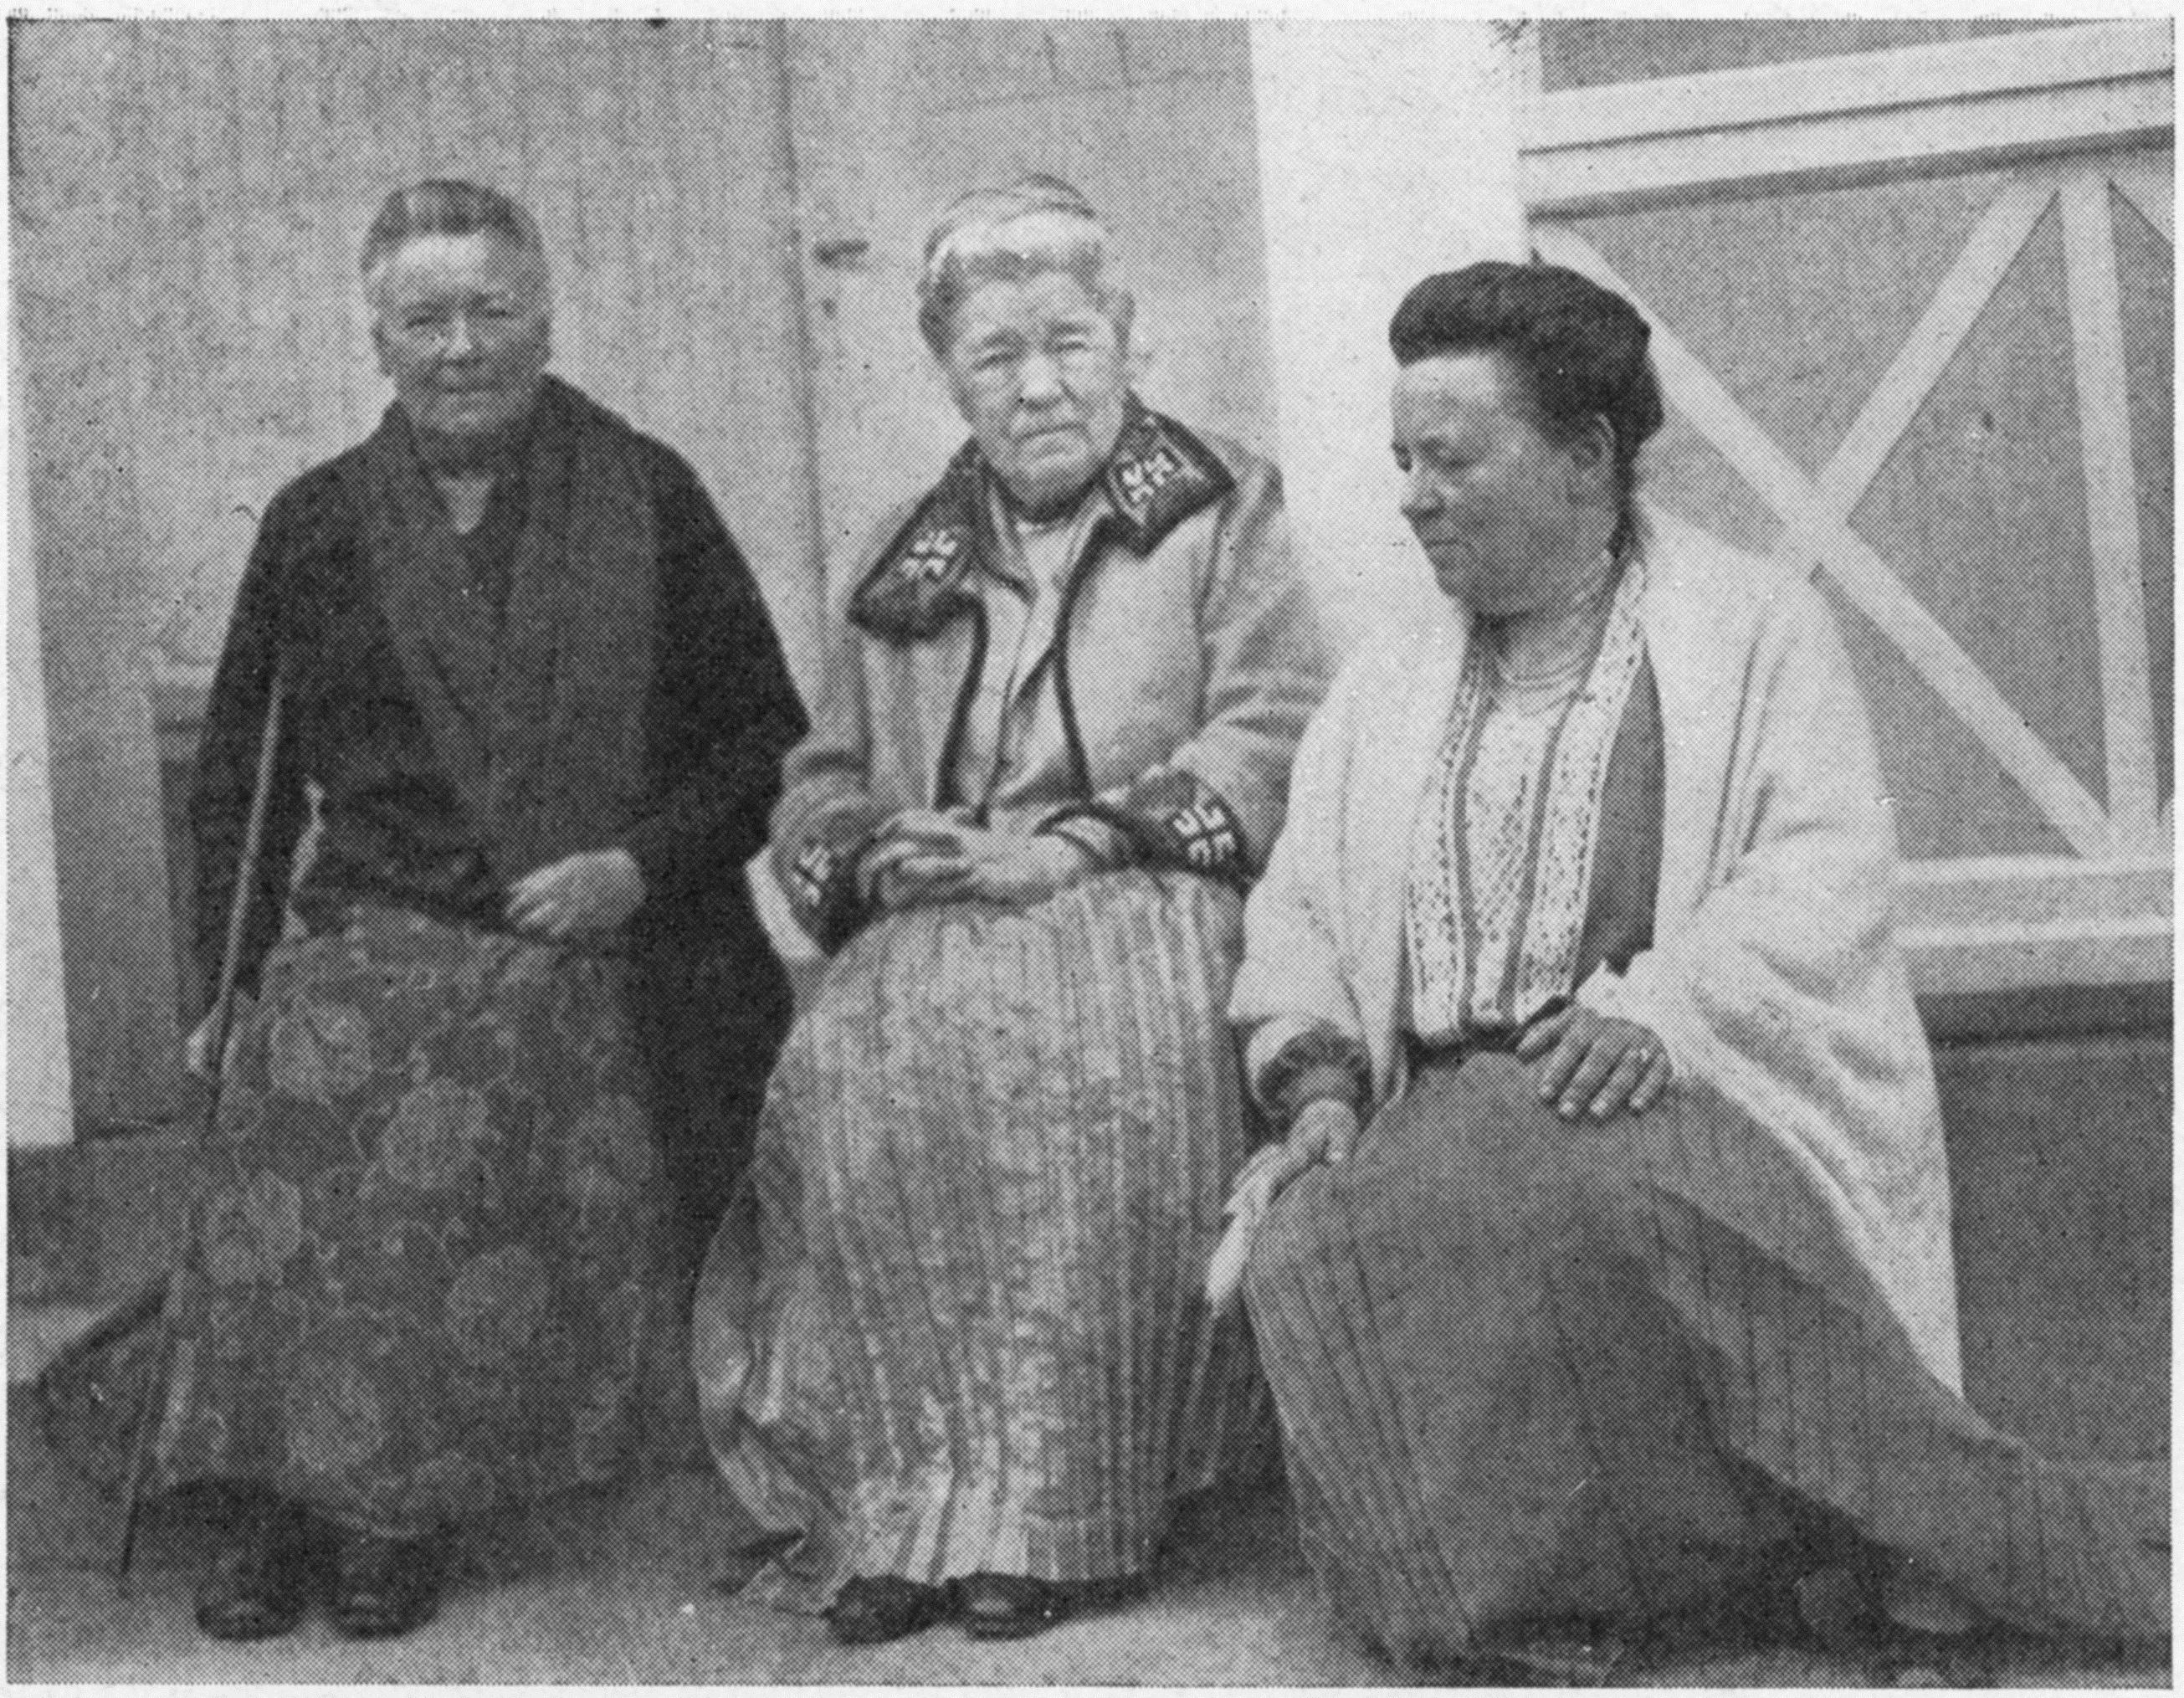 2. Op de warande van Mårbacka. Christine Doorman (links) met Selma Lagerlöf (midden) en juffrouw Uhlander, secretaresse van Selma Lagerlöf ca. 1925 (particuliere collectie)